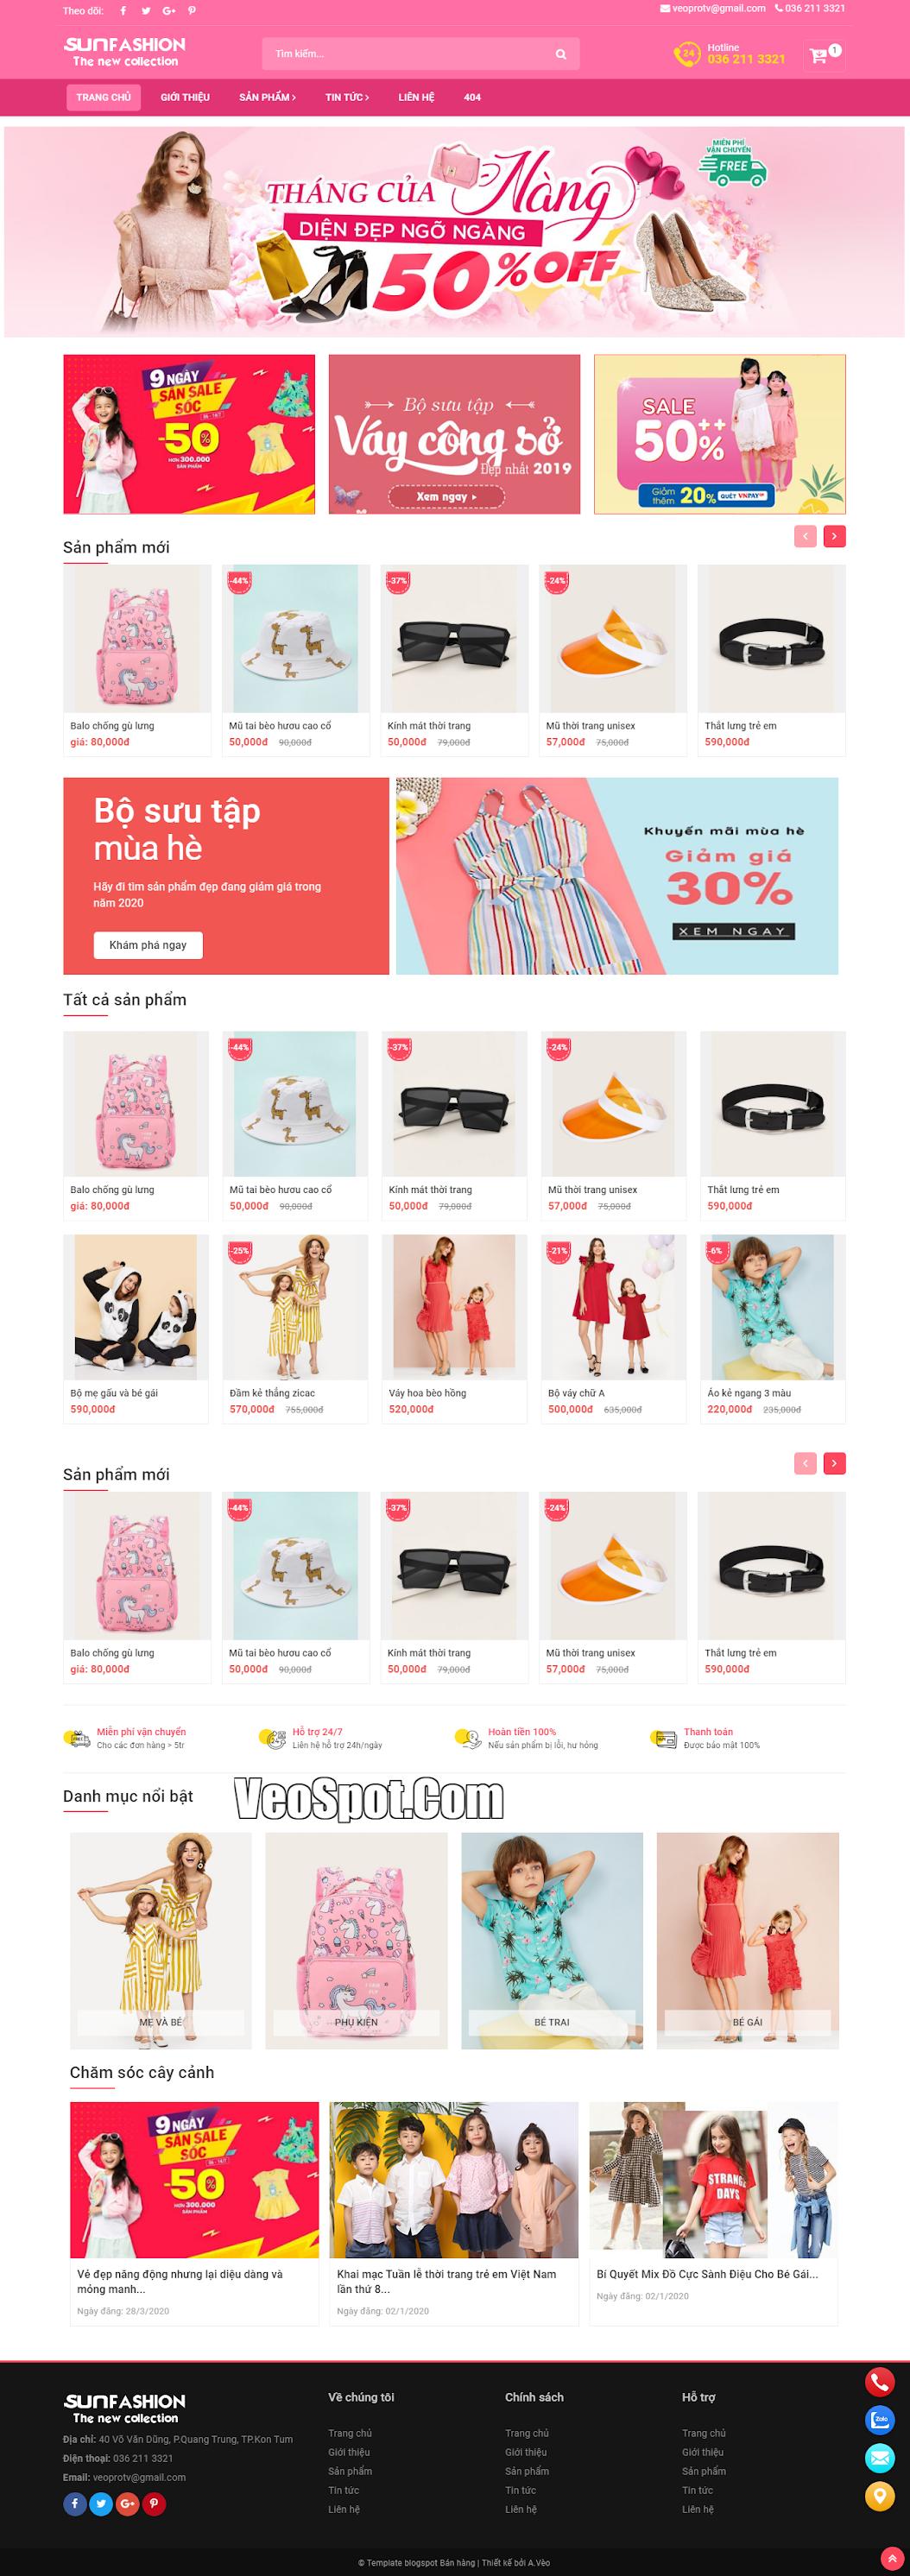 VeoSunfasun template blogspot bán hàng đẹp